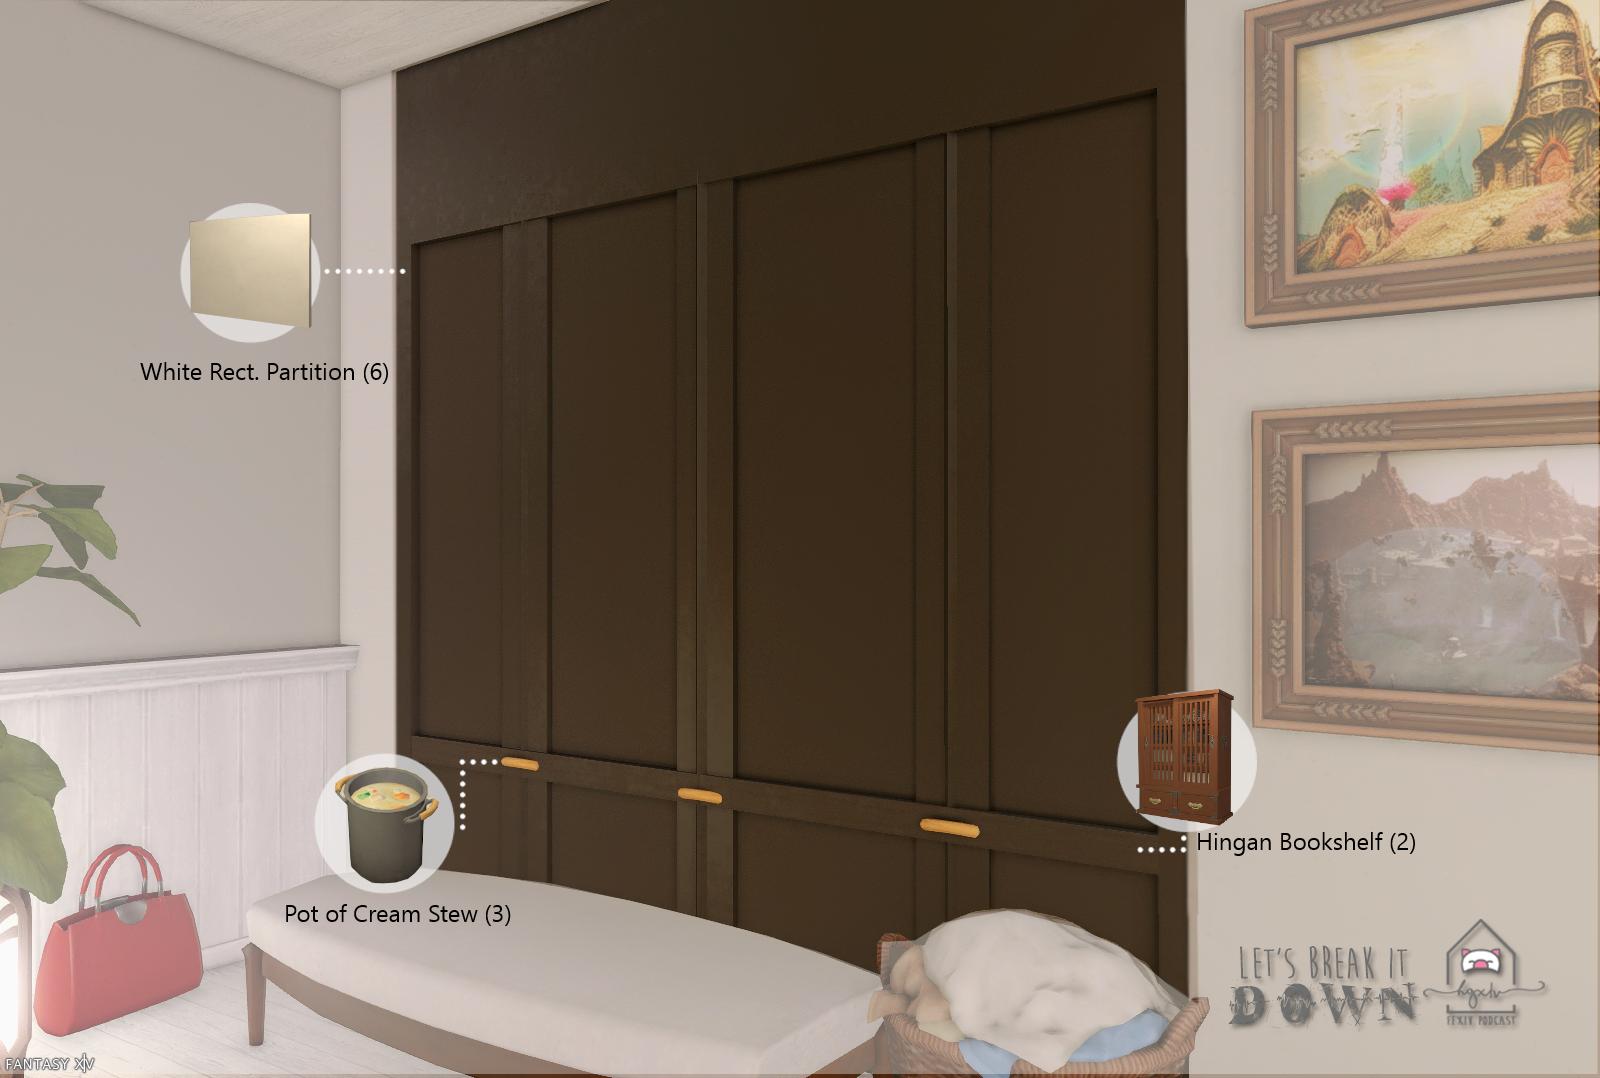 Ffxiv Housing Ideas おしゃれまとめの人気アイデア Pinterest Shinny 家具 ファイナルファンタジー14 アイデア